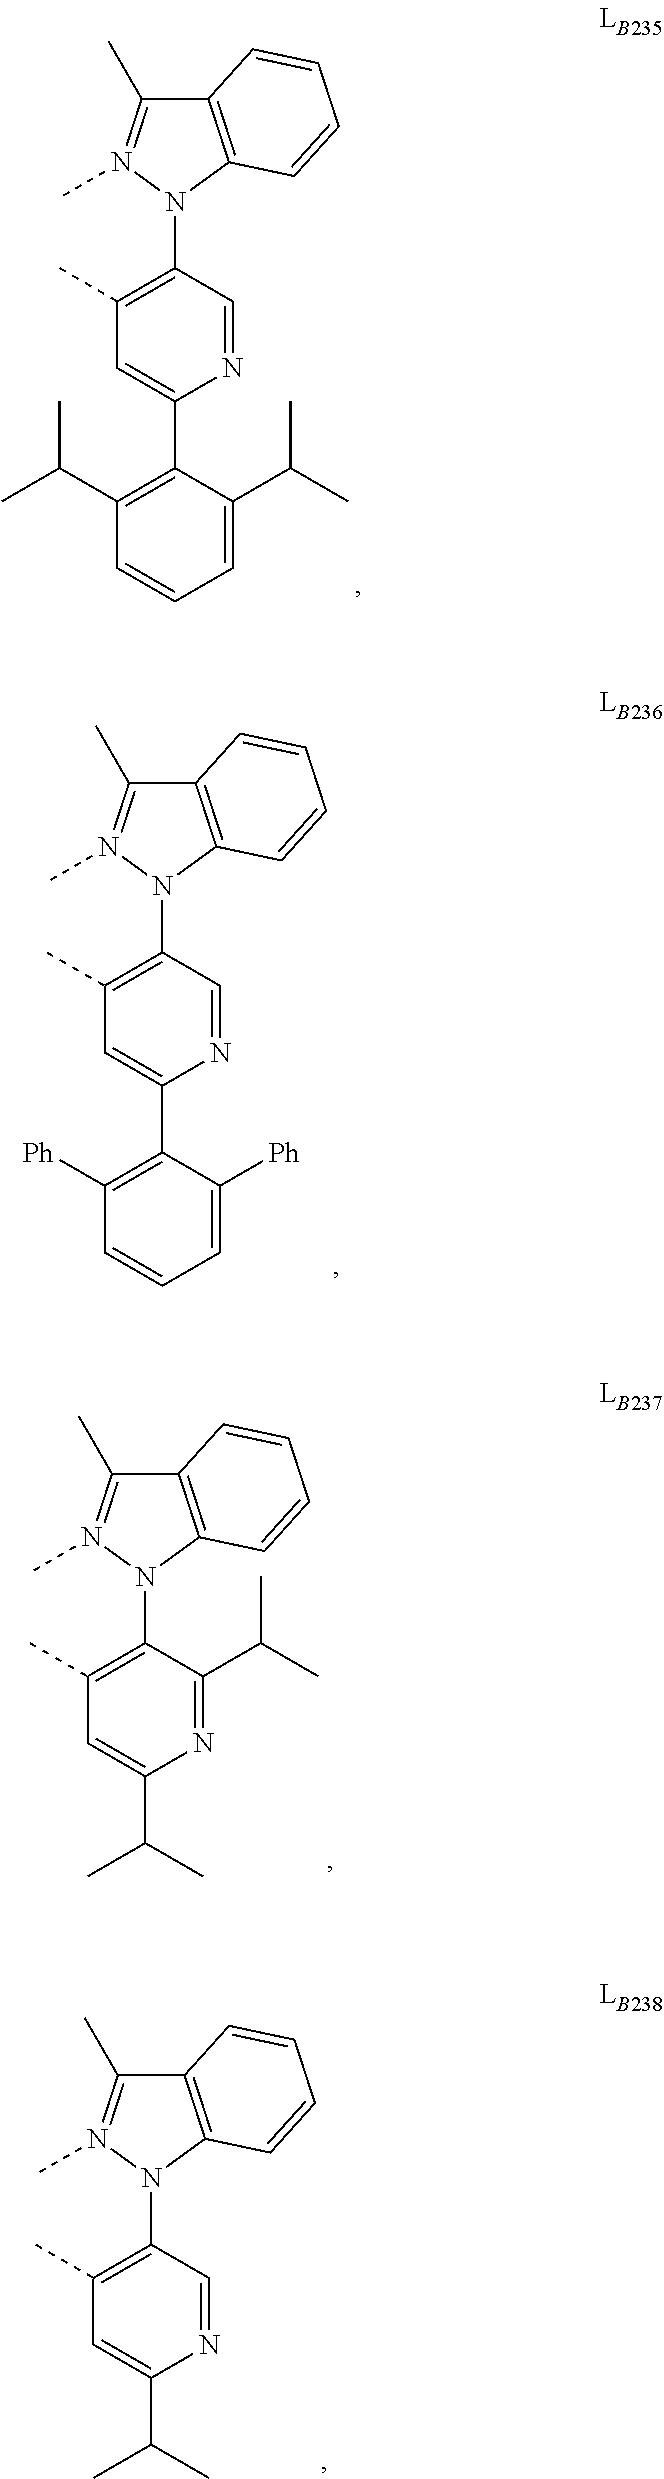 Figure US09905785-20180227-C00610